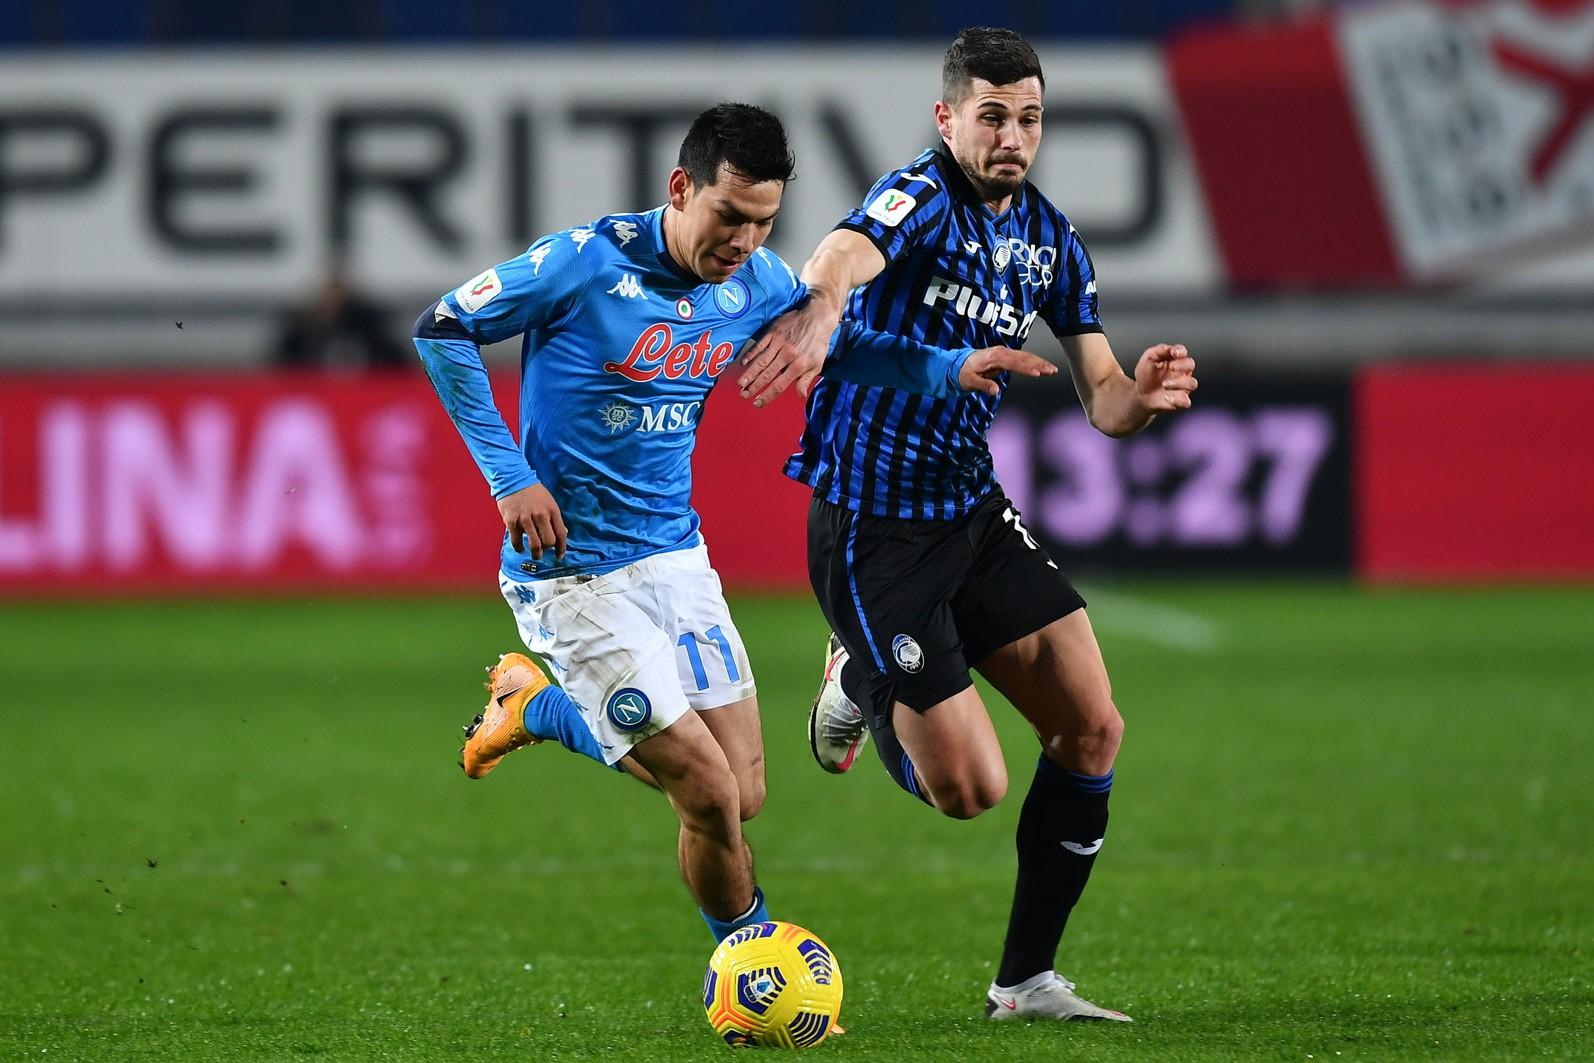 Lozano titolare contro il Milan? Le ultimissime da Alvino |  Sport e Vai